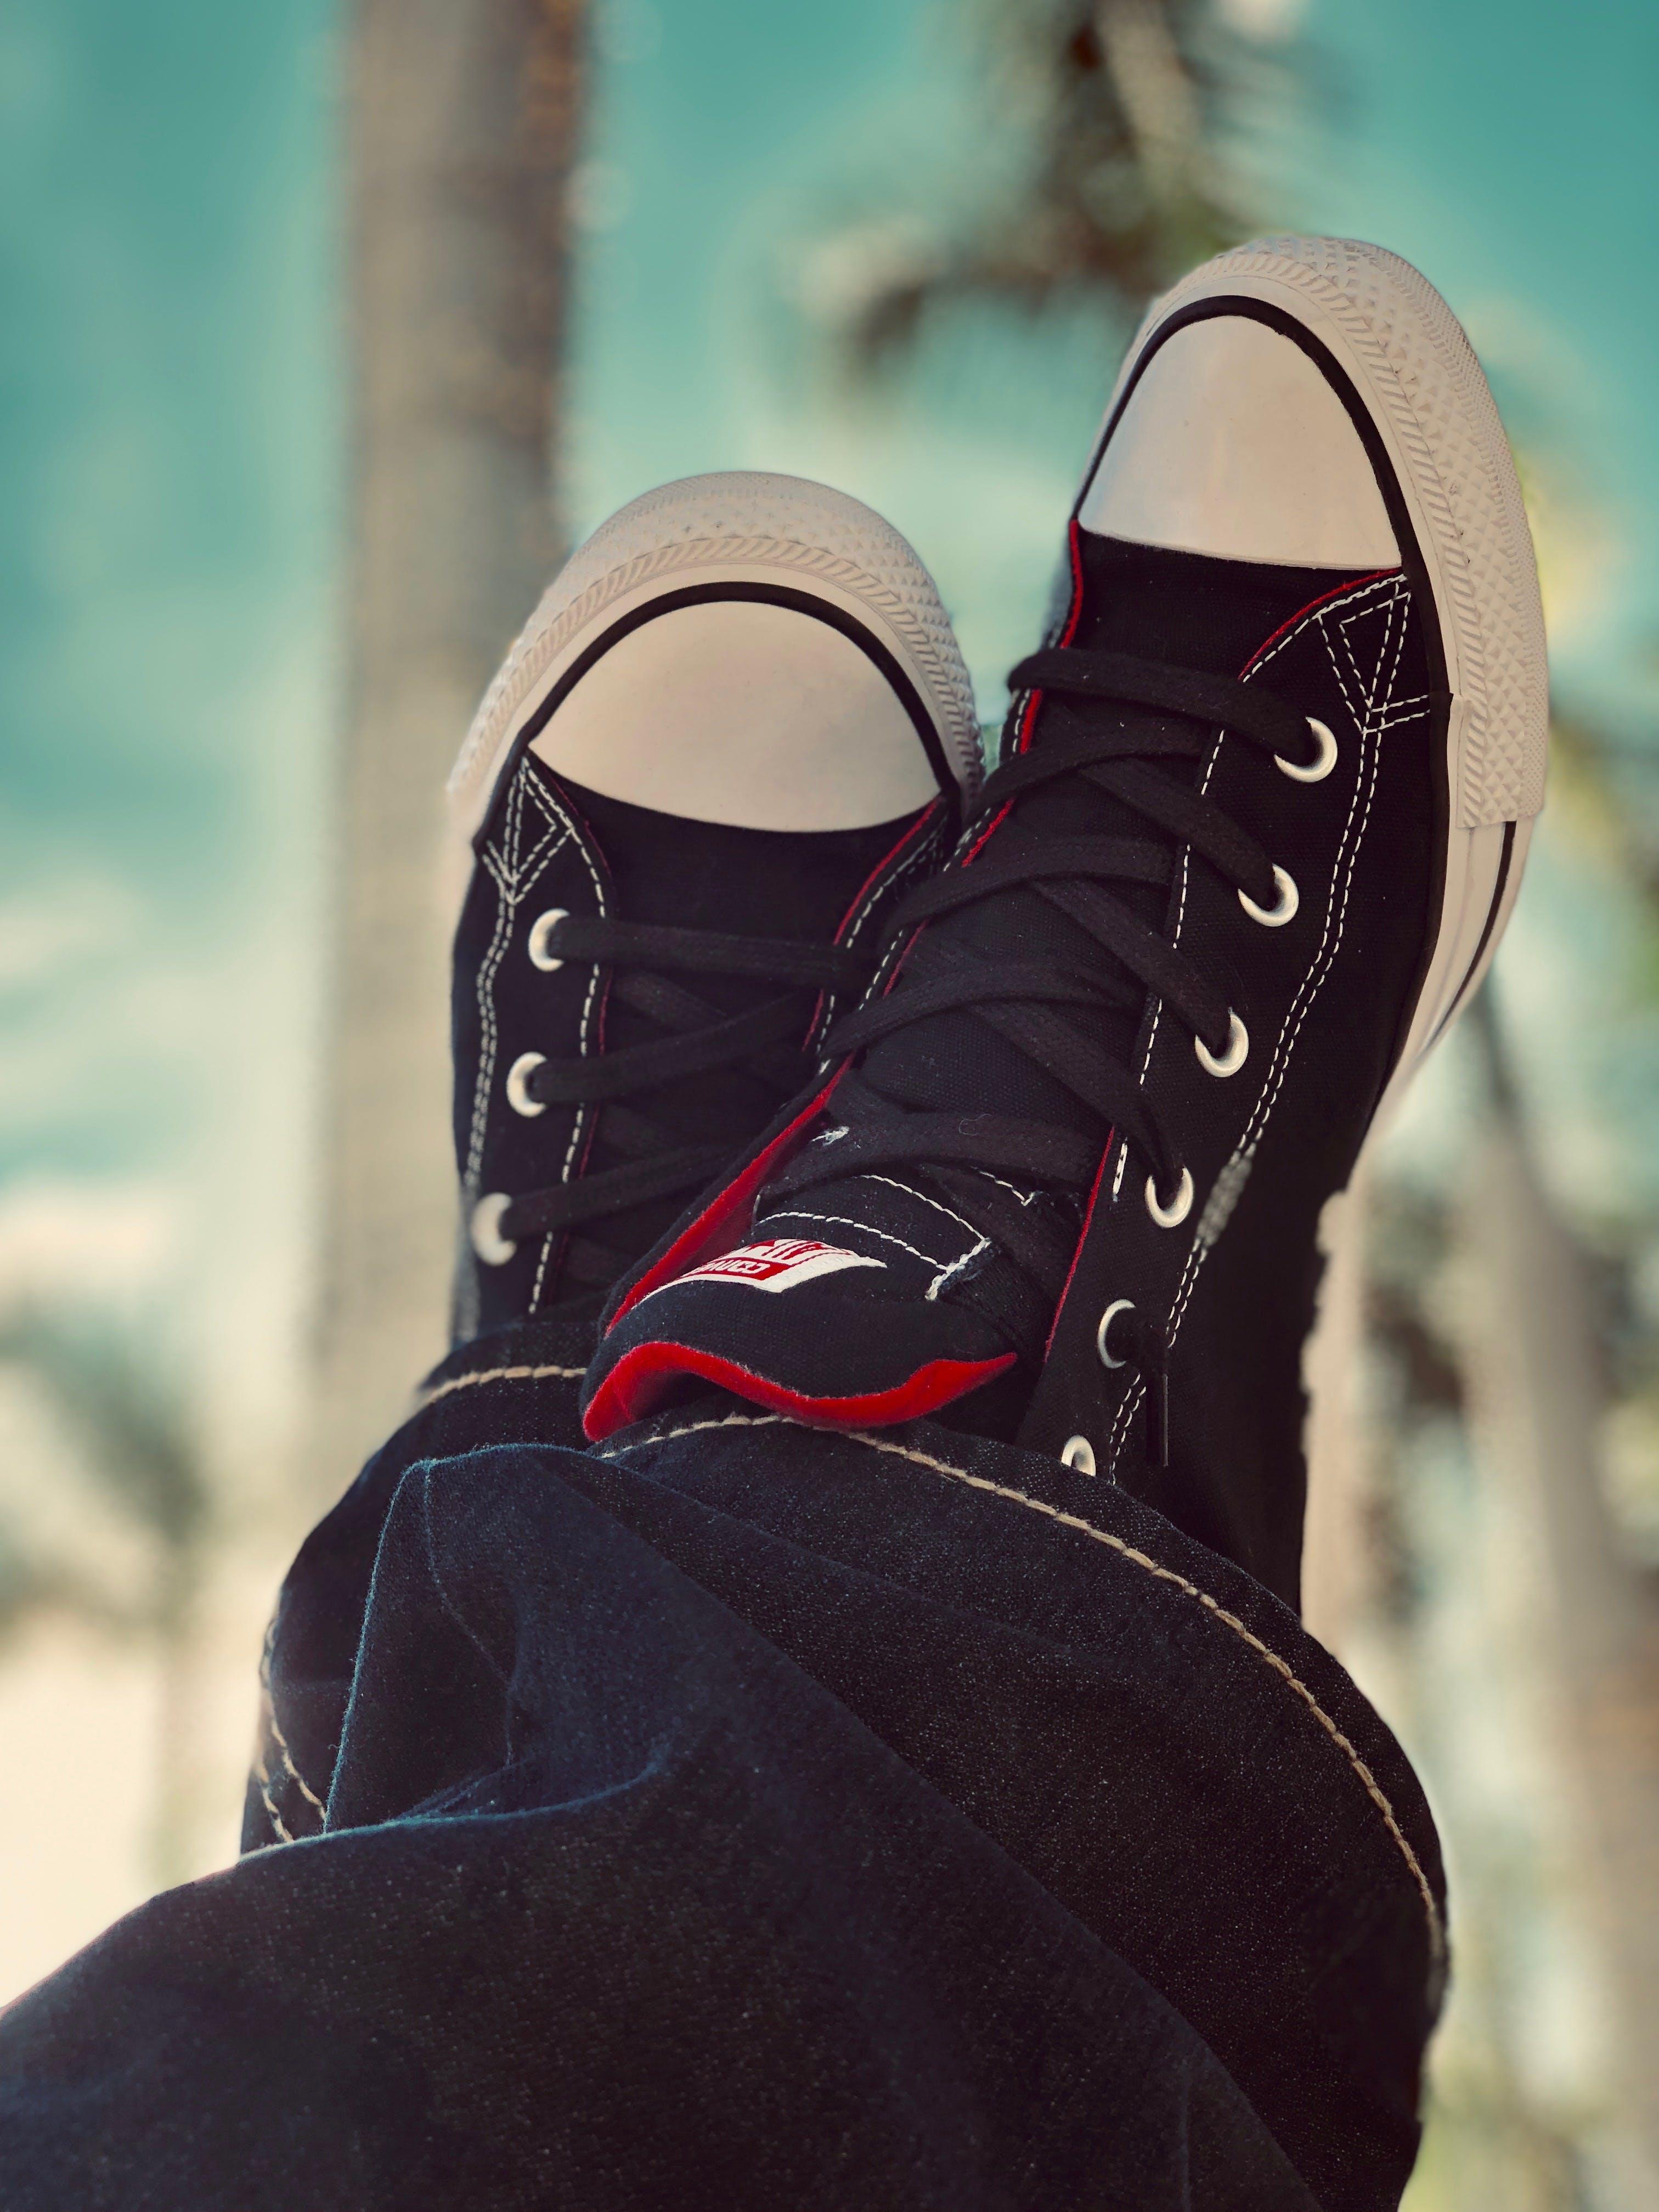 Gratis lagerfoto af farve, fodtøj, klassisk, mode